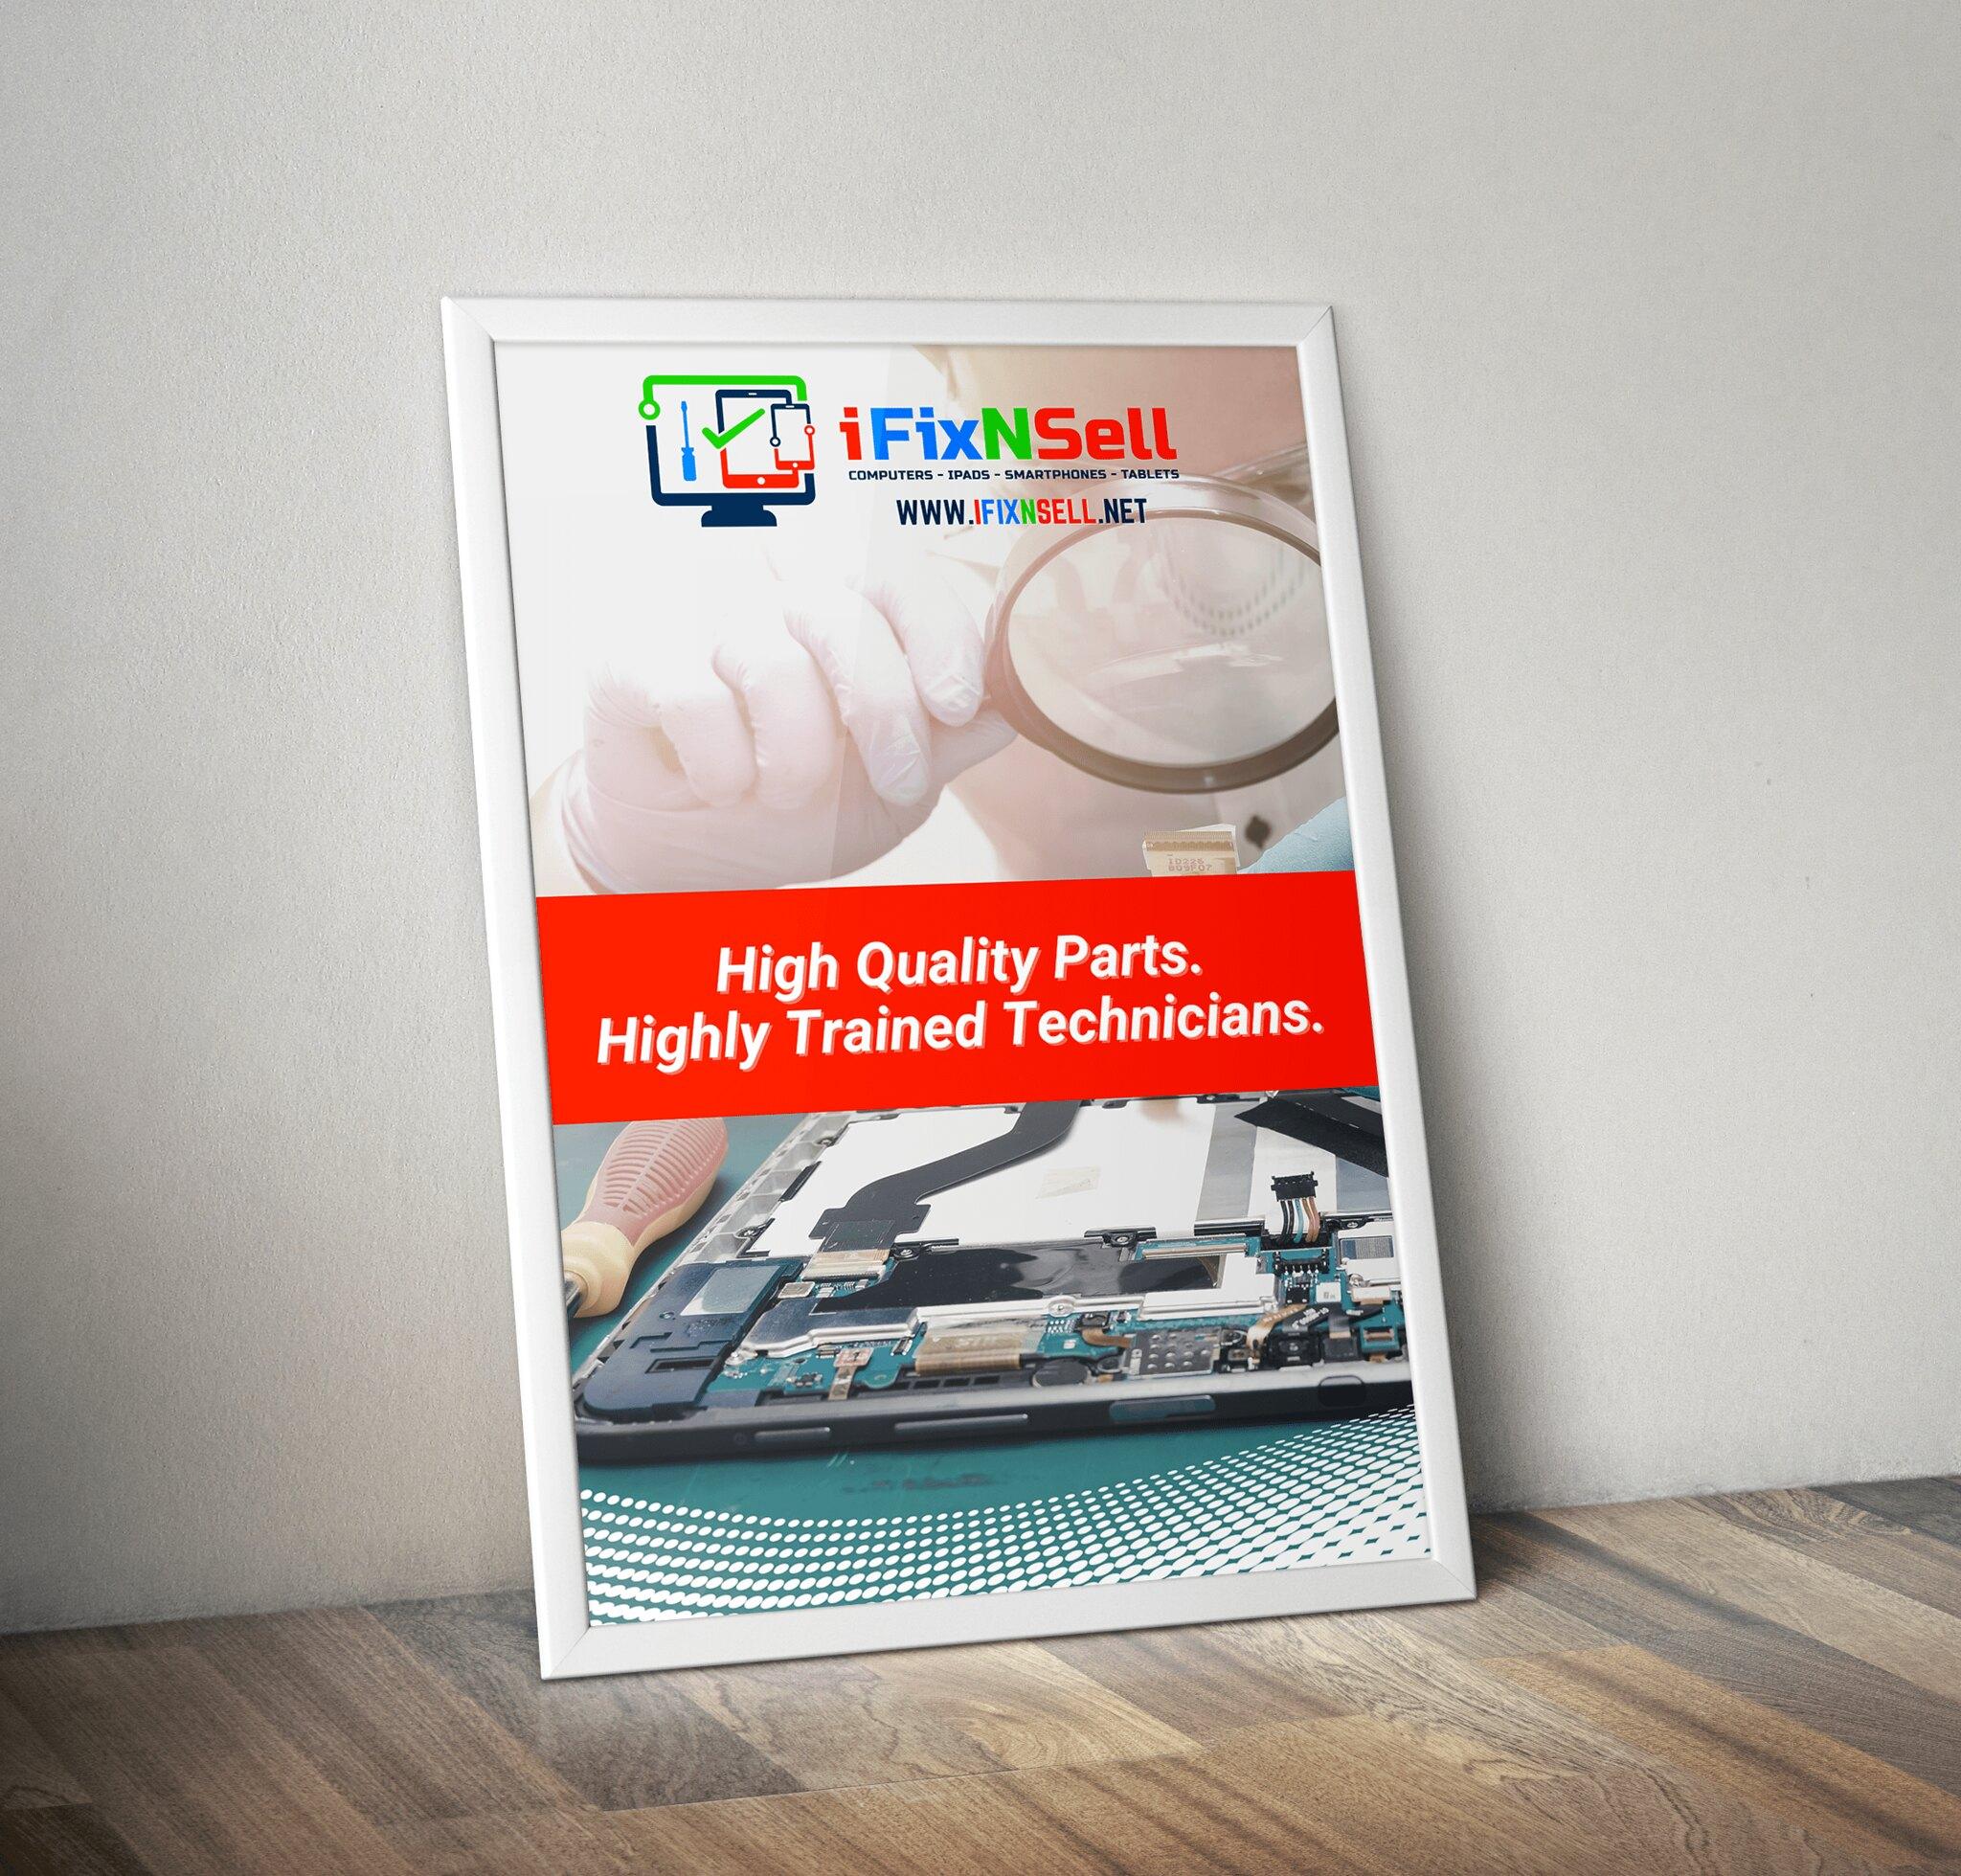 iFixNSell Poster Design Tuyen Chau